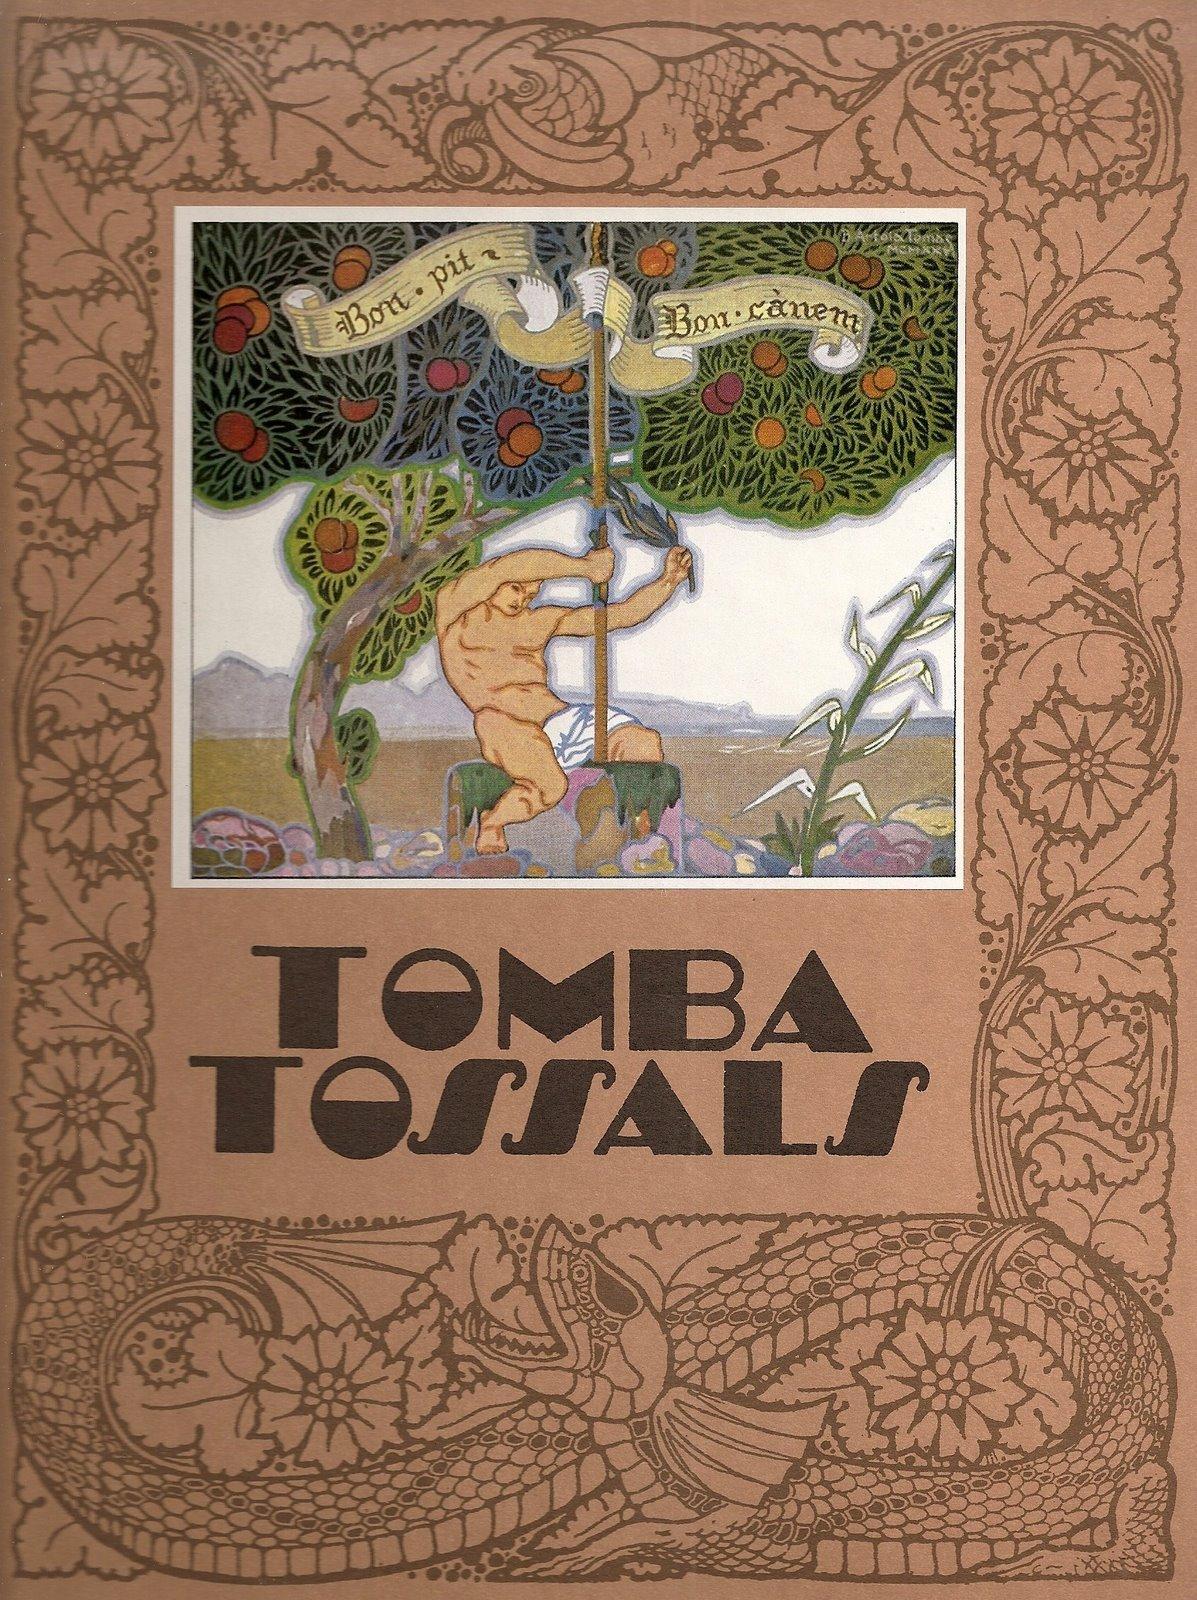 Portada del llibre Tombatossals, contalles de la terra,